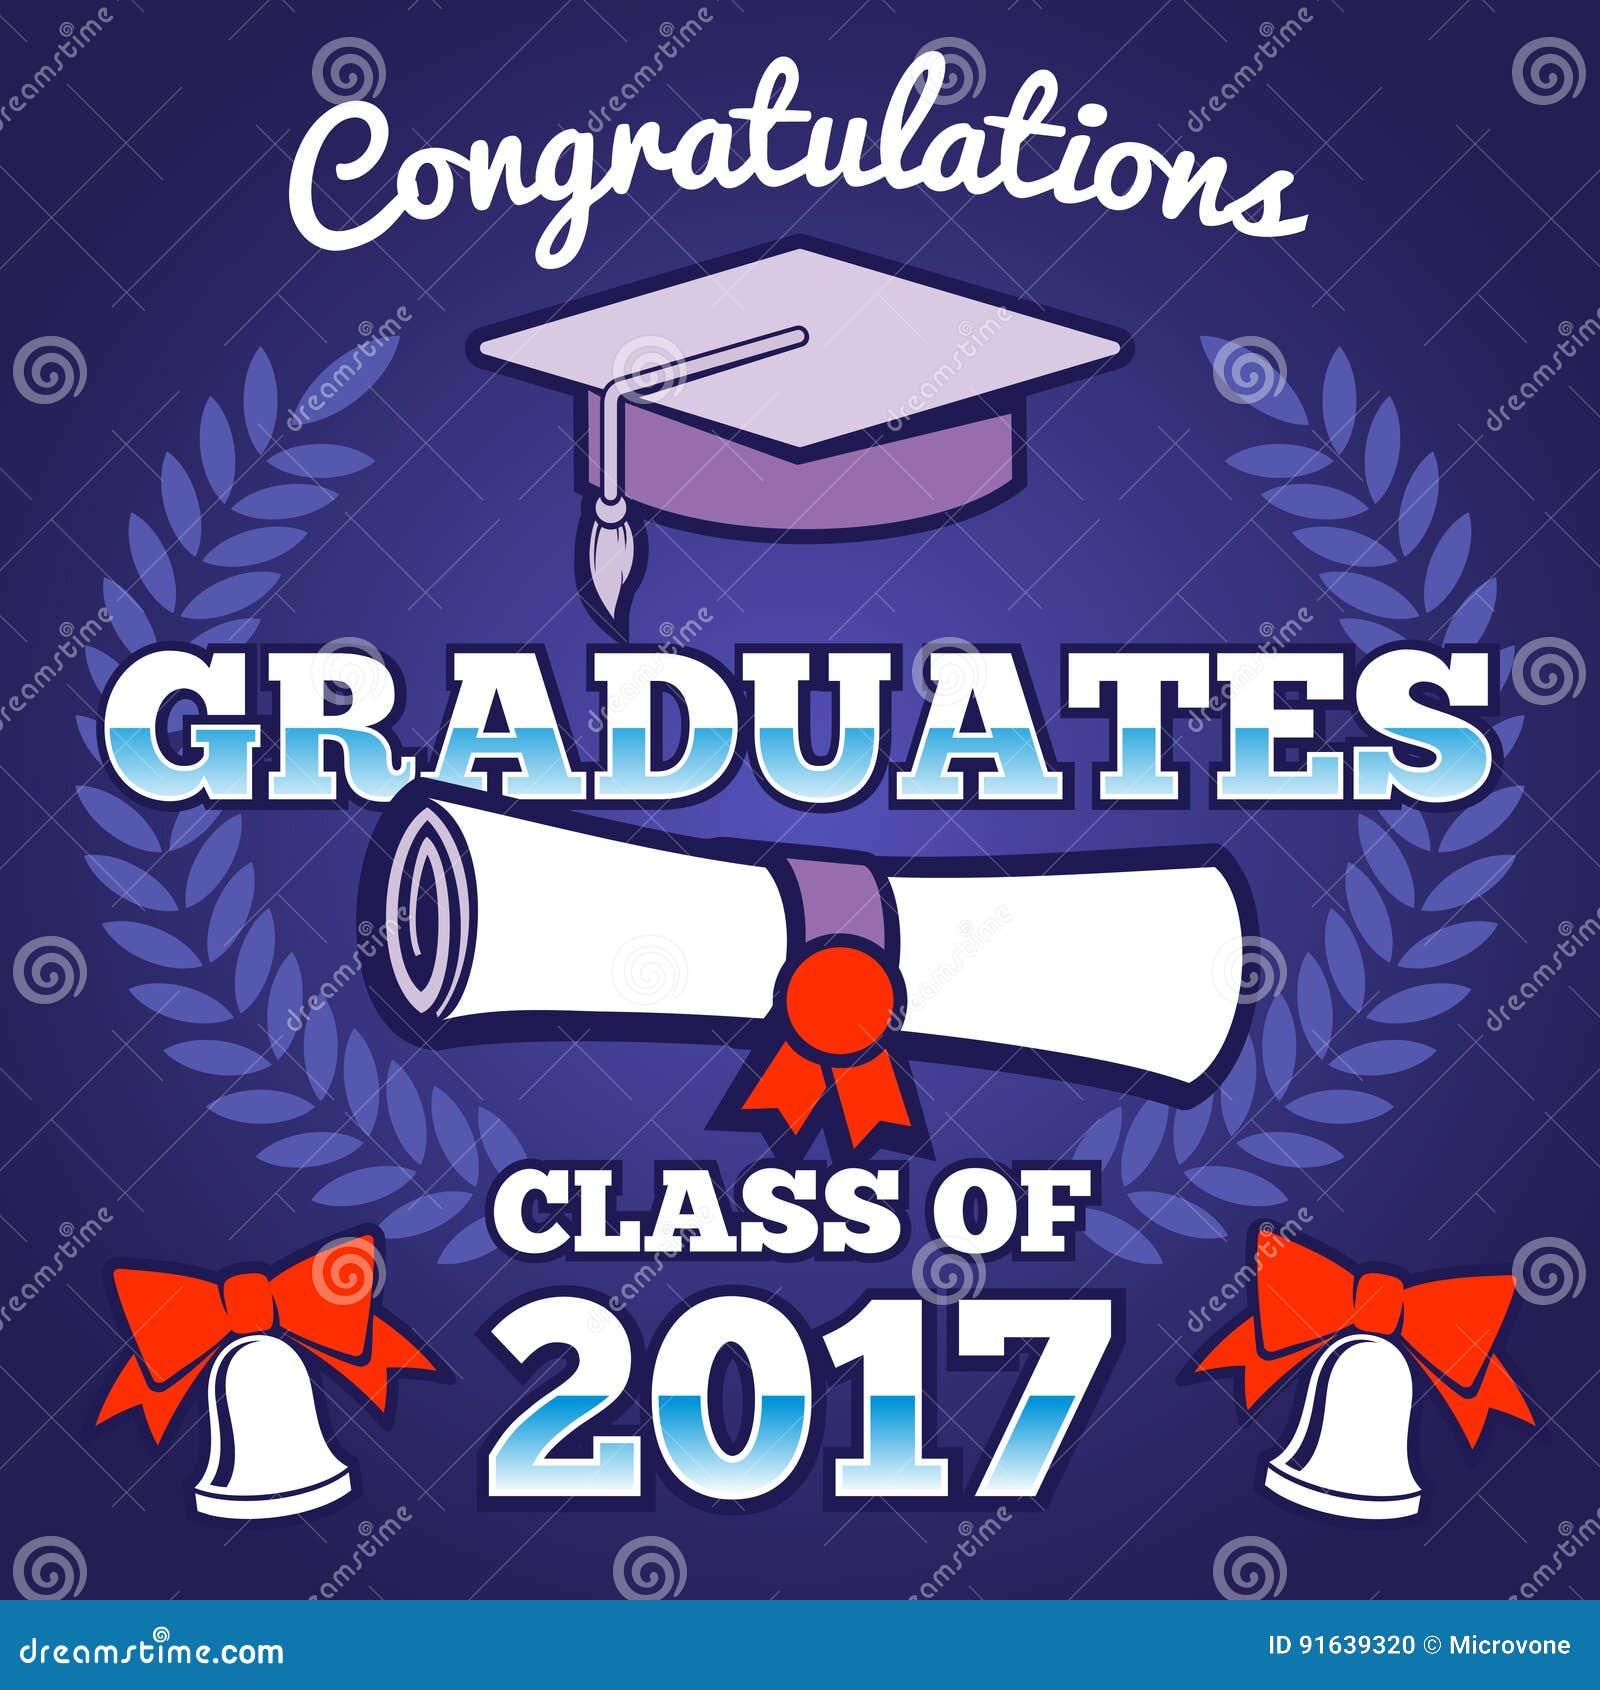 students congratulating graduation vector background graduates